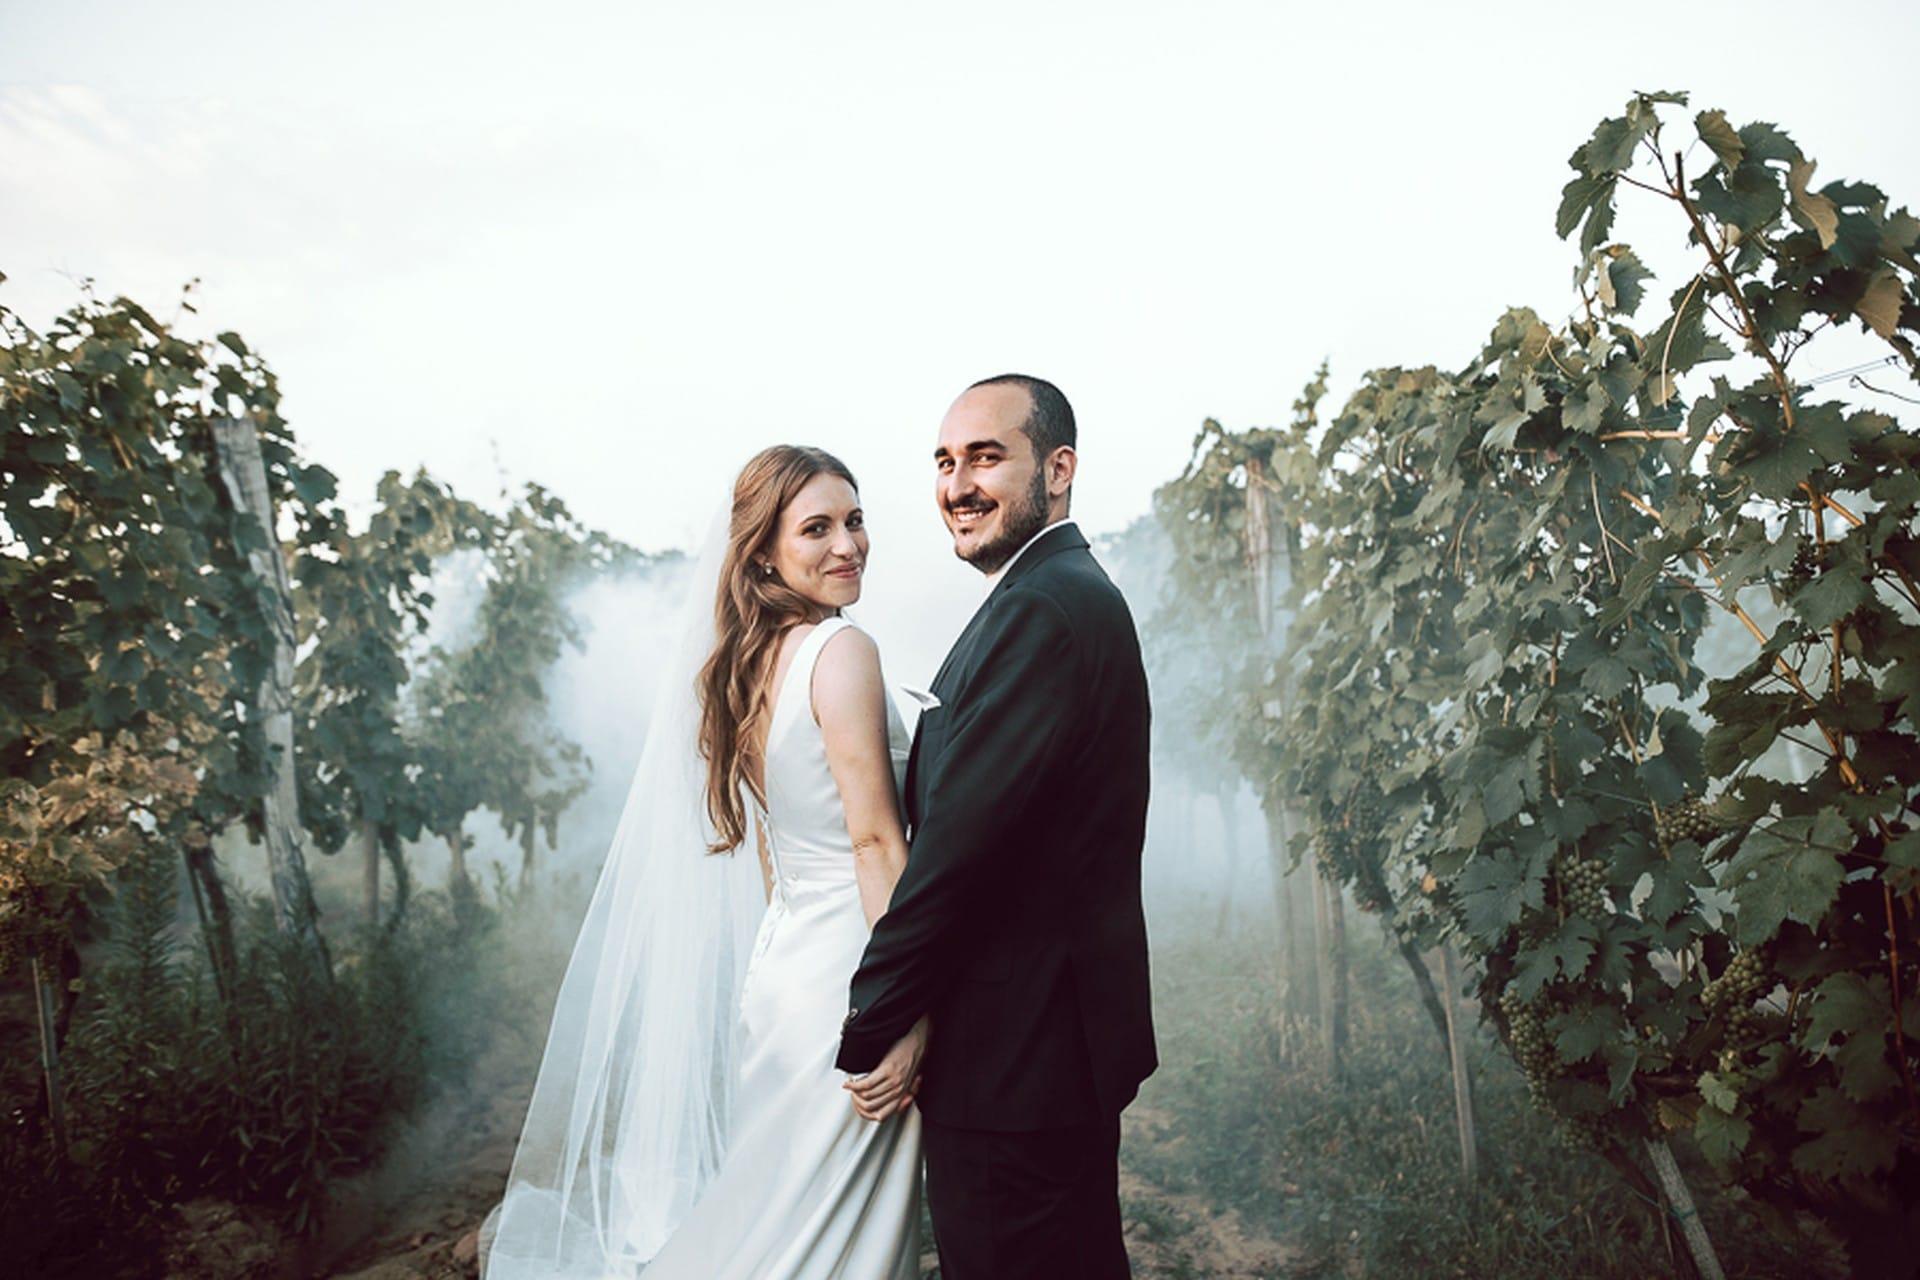 1302-Kat-Erdelyi-Hochzeitsfotografie-Hochzeitsfotos-AM9FWavw